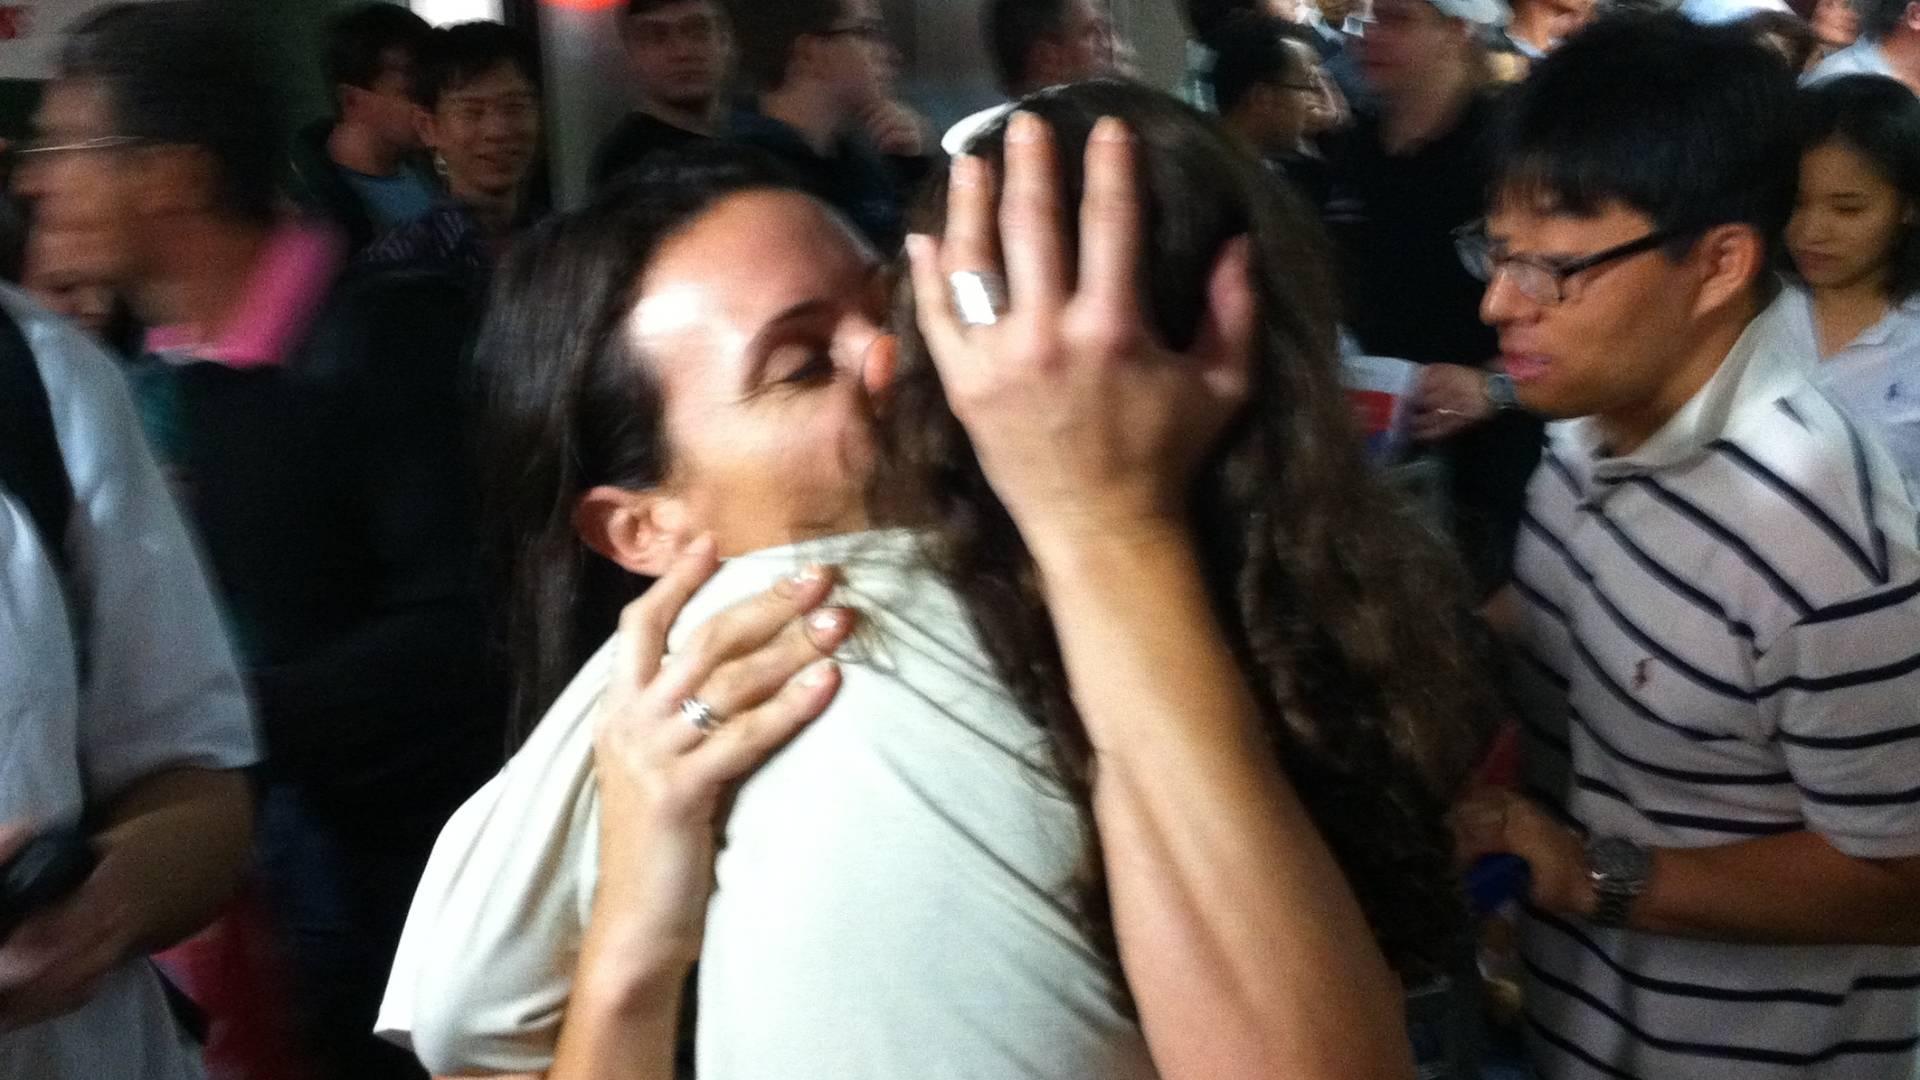 Maurren e abraçada pela filha Sophia no desembarque em Guarulhos, na volta da saltadora depois de fracassar no Mundial de Daegu